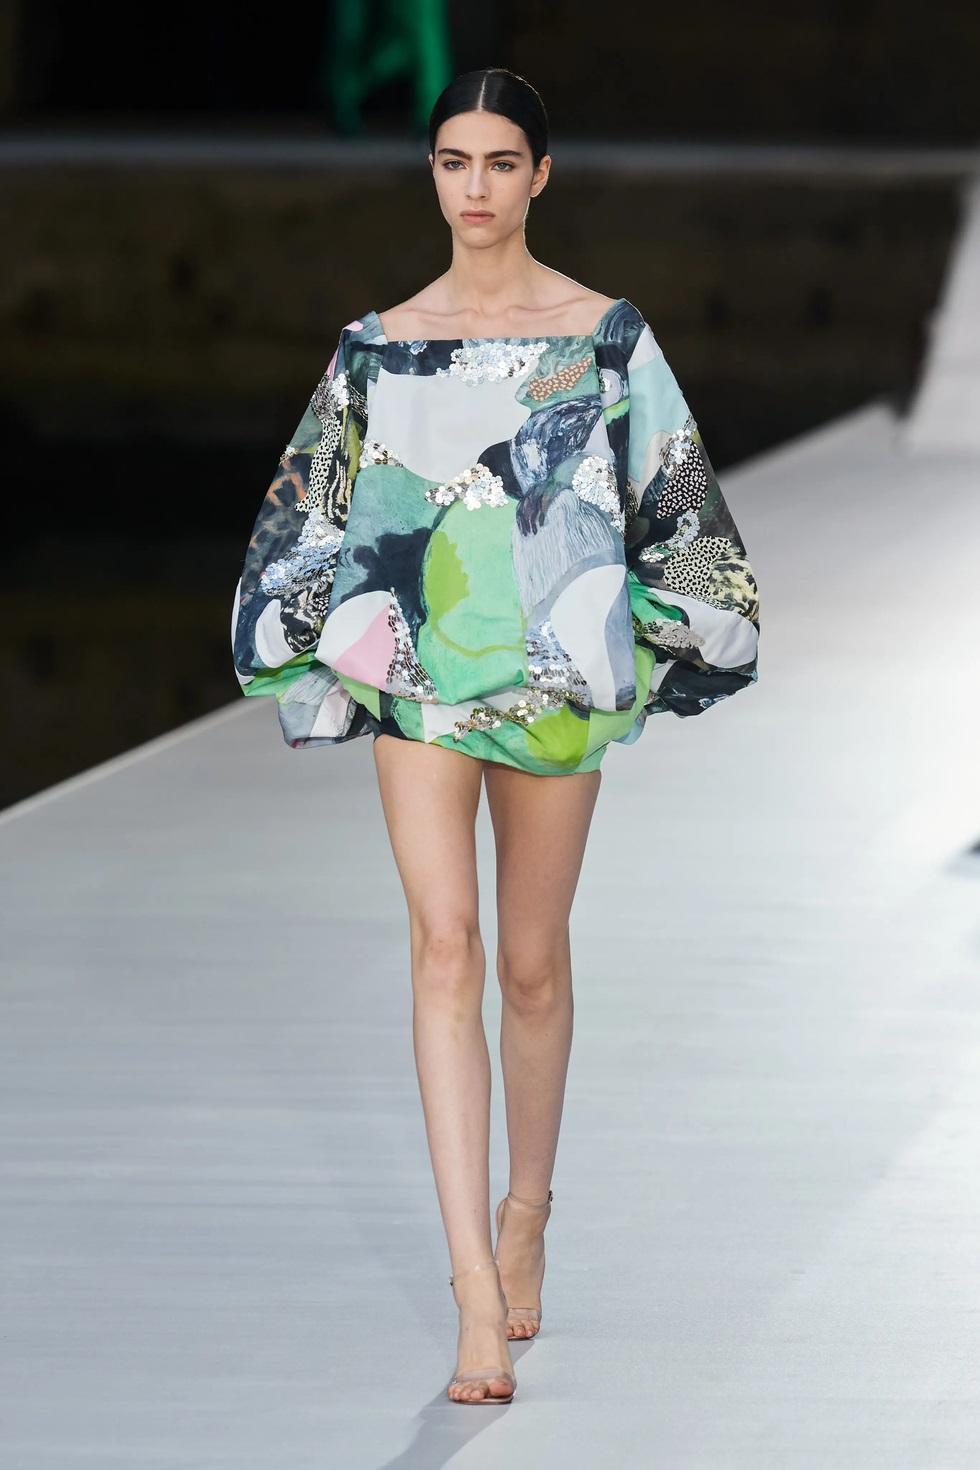 Valentino ra mắt bộ sưu tập Haute couture tôn kính thành phố Venice - 8